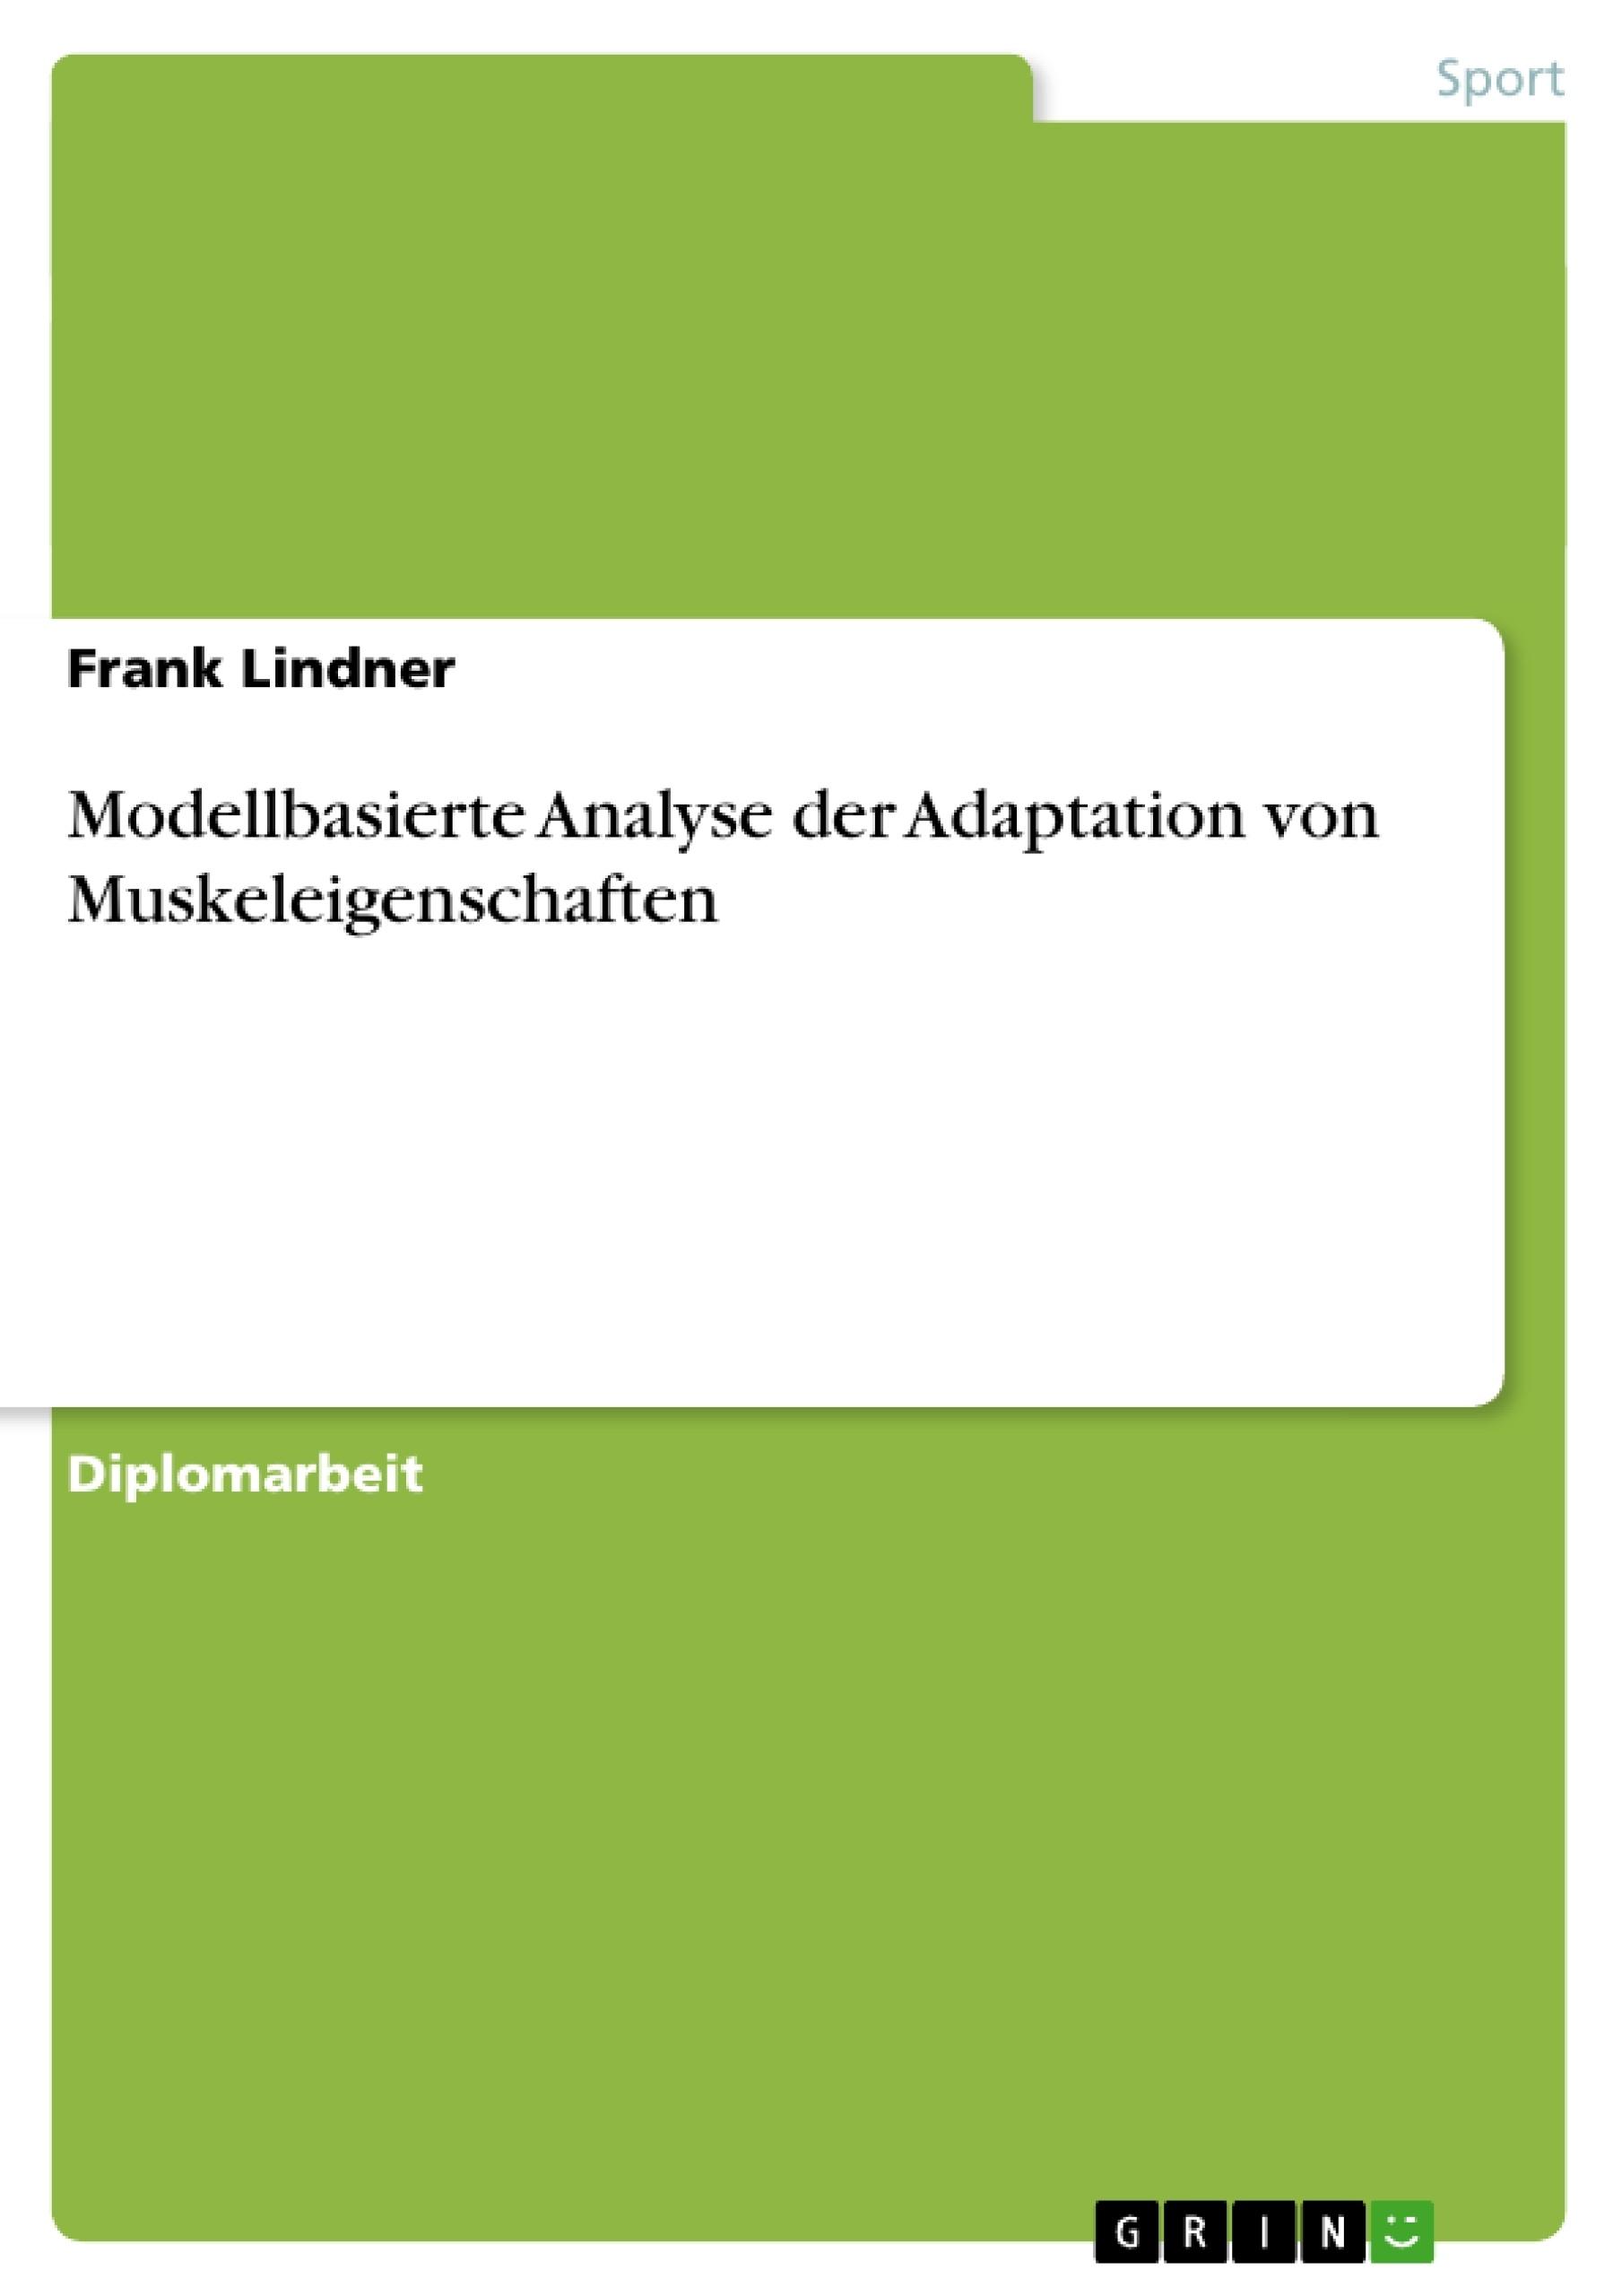 Titel: Modellbasierte Analyse der Adaptation von Muskeleigenschaften